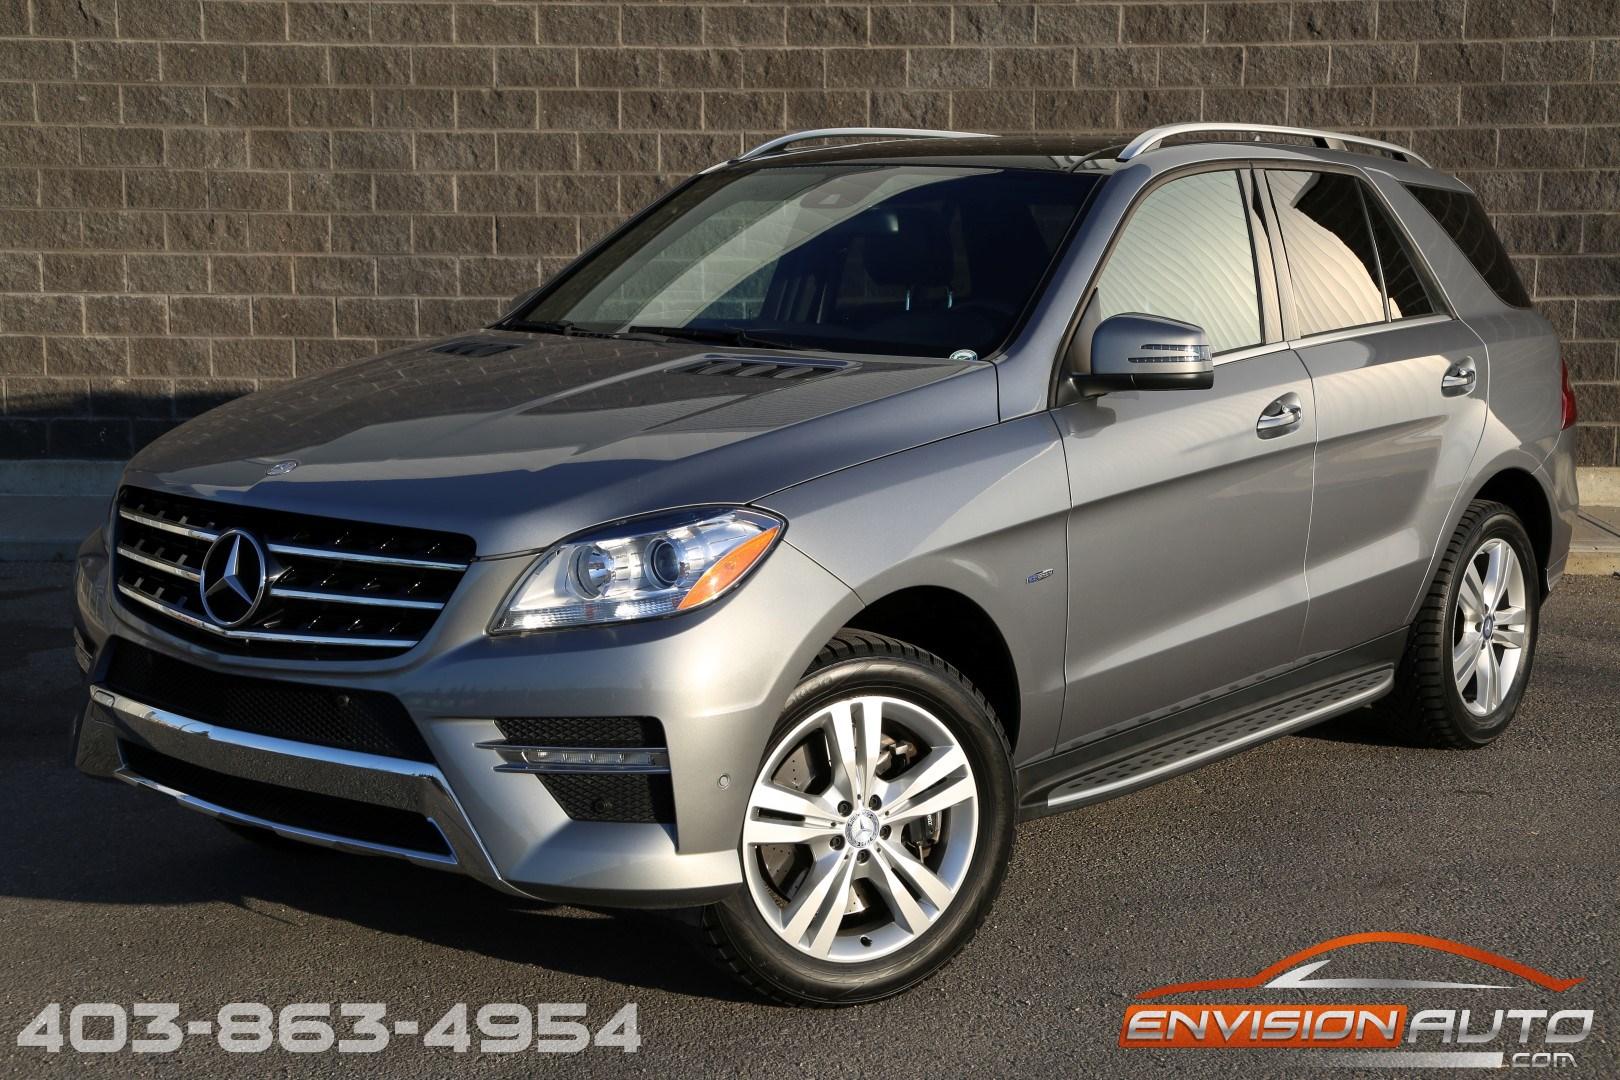 2012 mercedes benz ml350 4matic premium designo envision for Mercedes benz ml350 4matic 2012